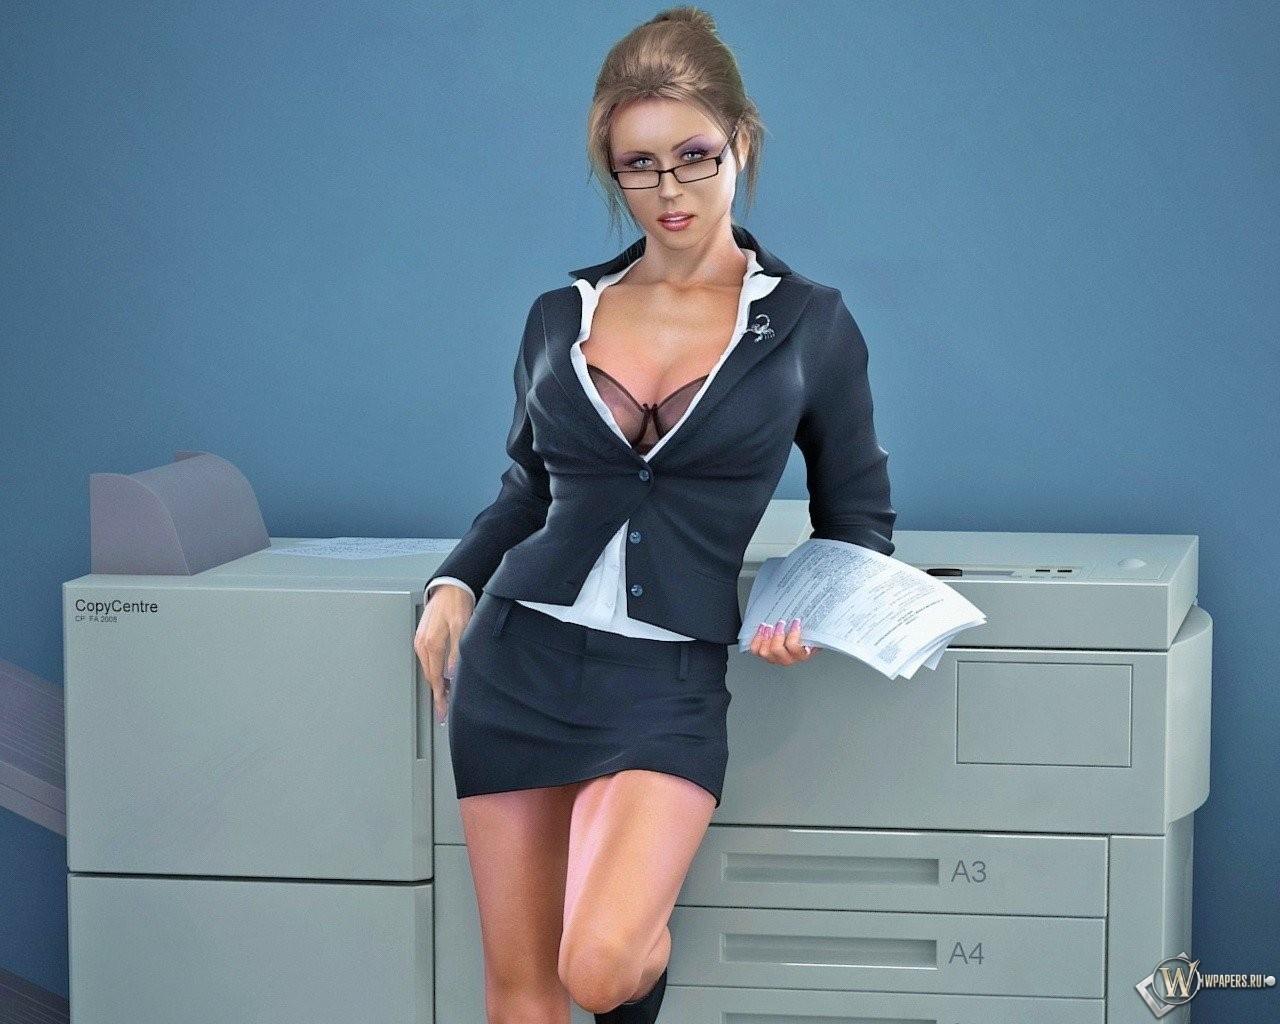 Шеф на работе с секретаршей 8 фотография